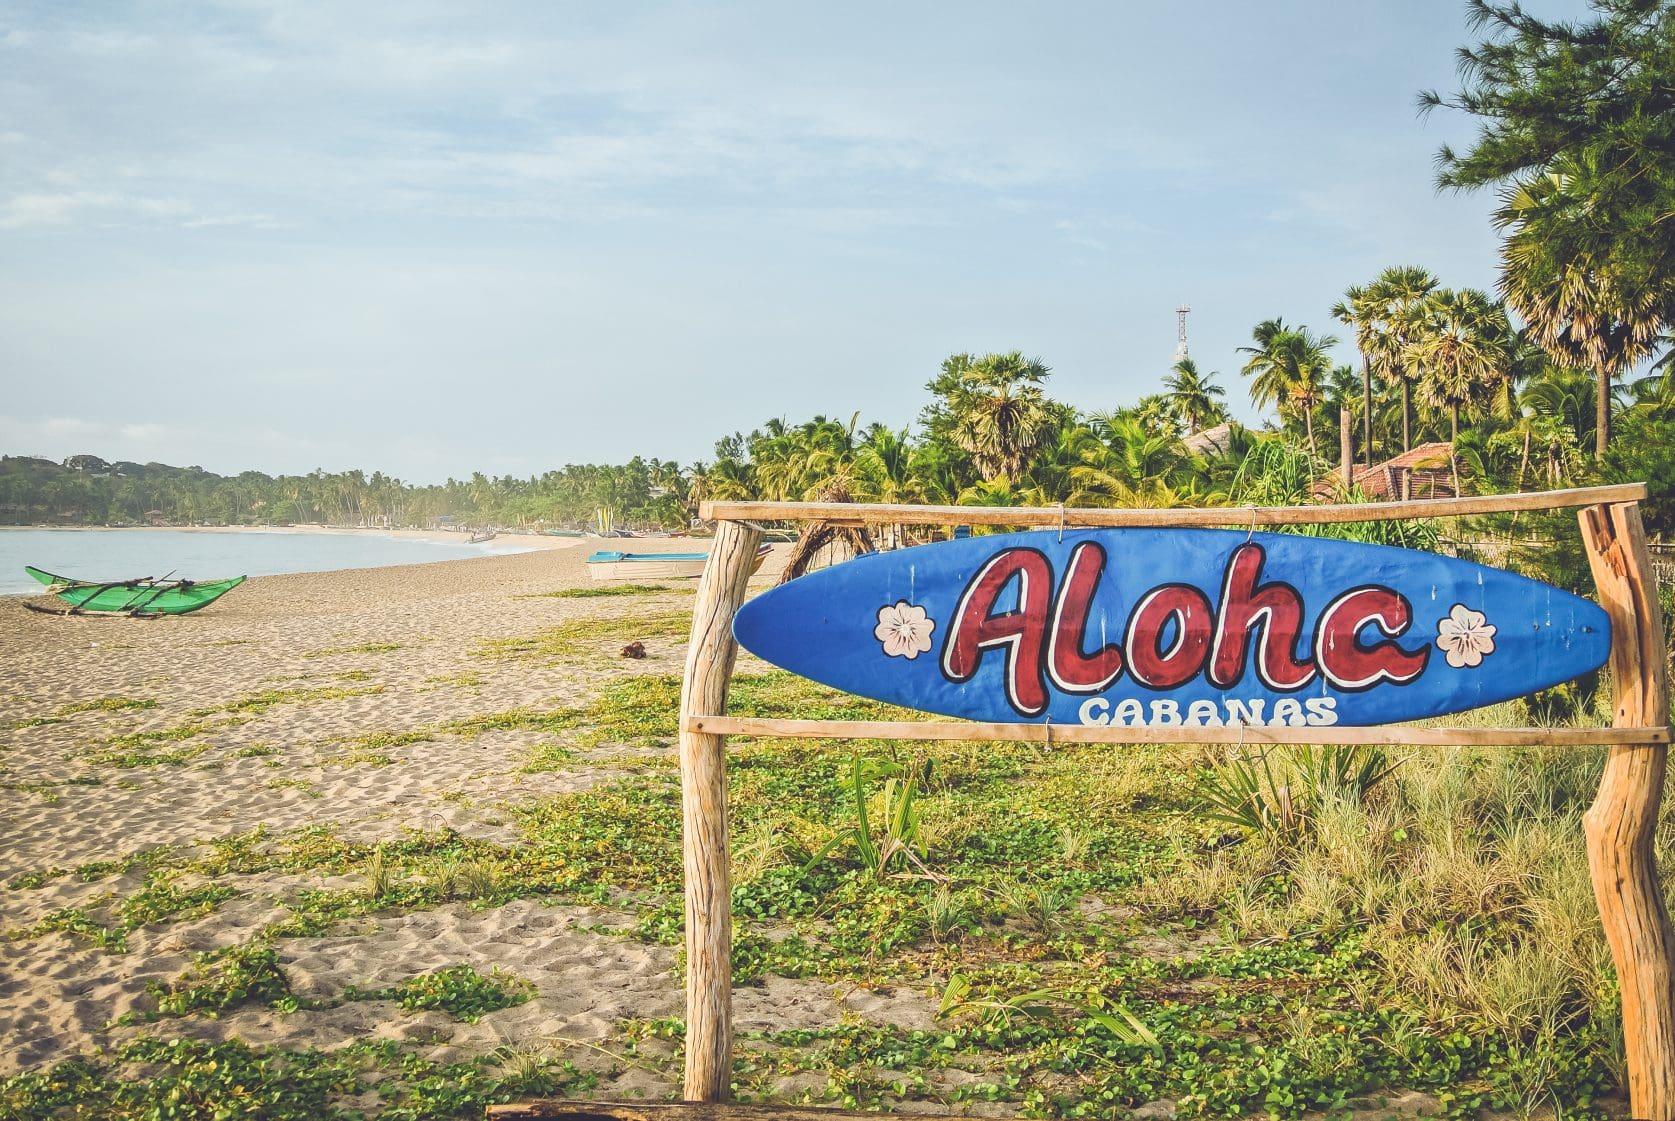 De stranden liggen vol toeristen en afval